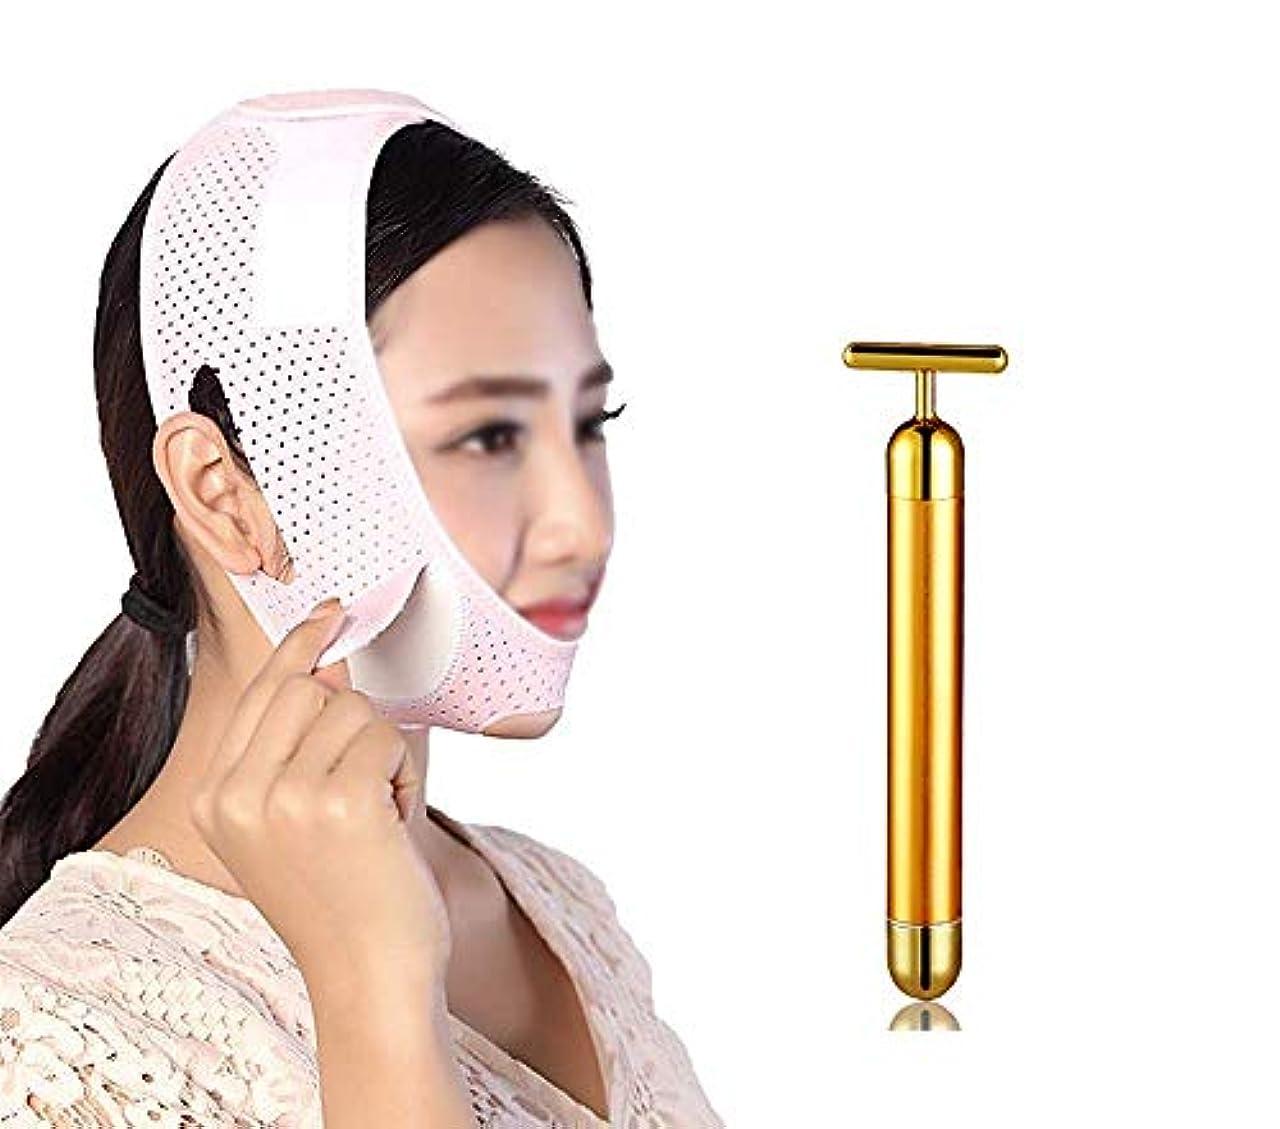 生命体クライアント息を切らして顔と首を持ち上げる術後弾性セットVフェイスマスクは、チンV顔アーティファクト回復サポートベルトの収縮の調整を強化します。